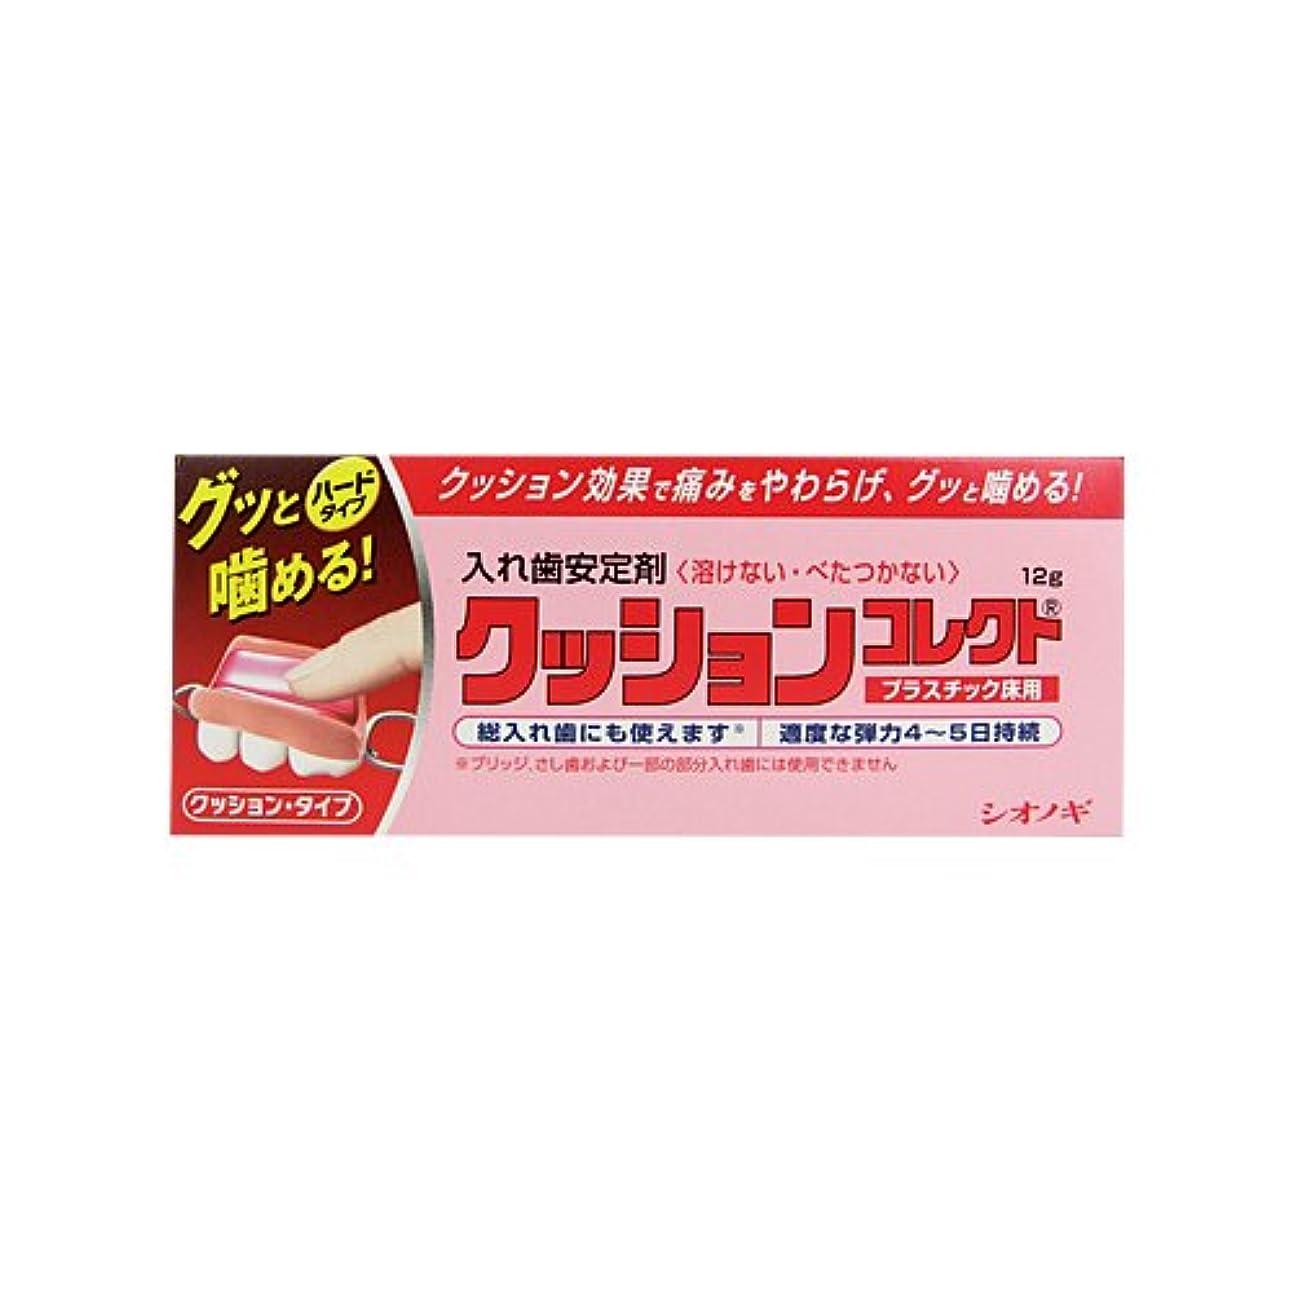 小道本体識字シオノギ製薬 クッションコレクト クッションタイプ 12g